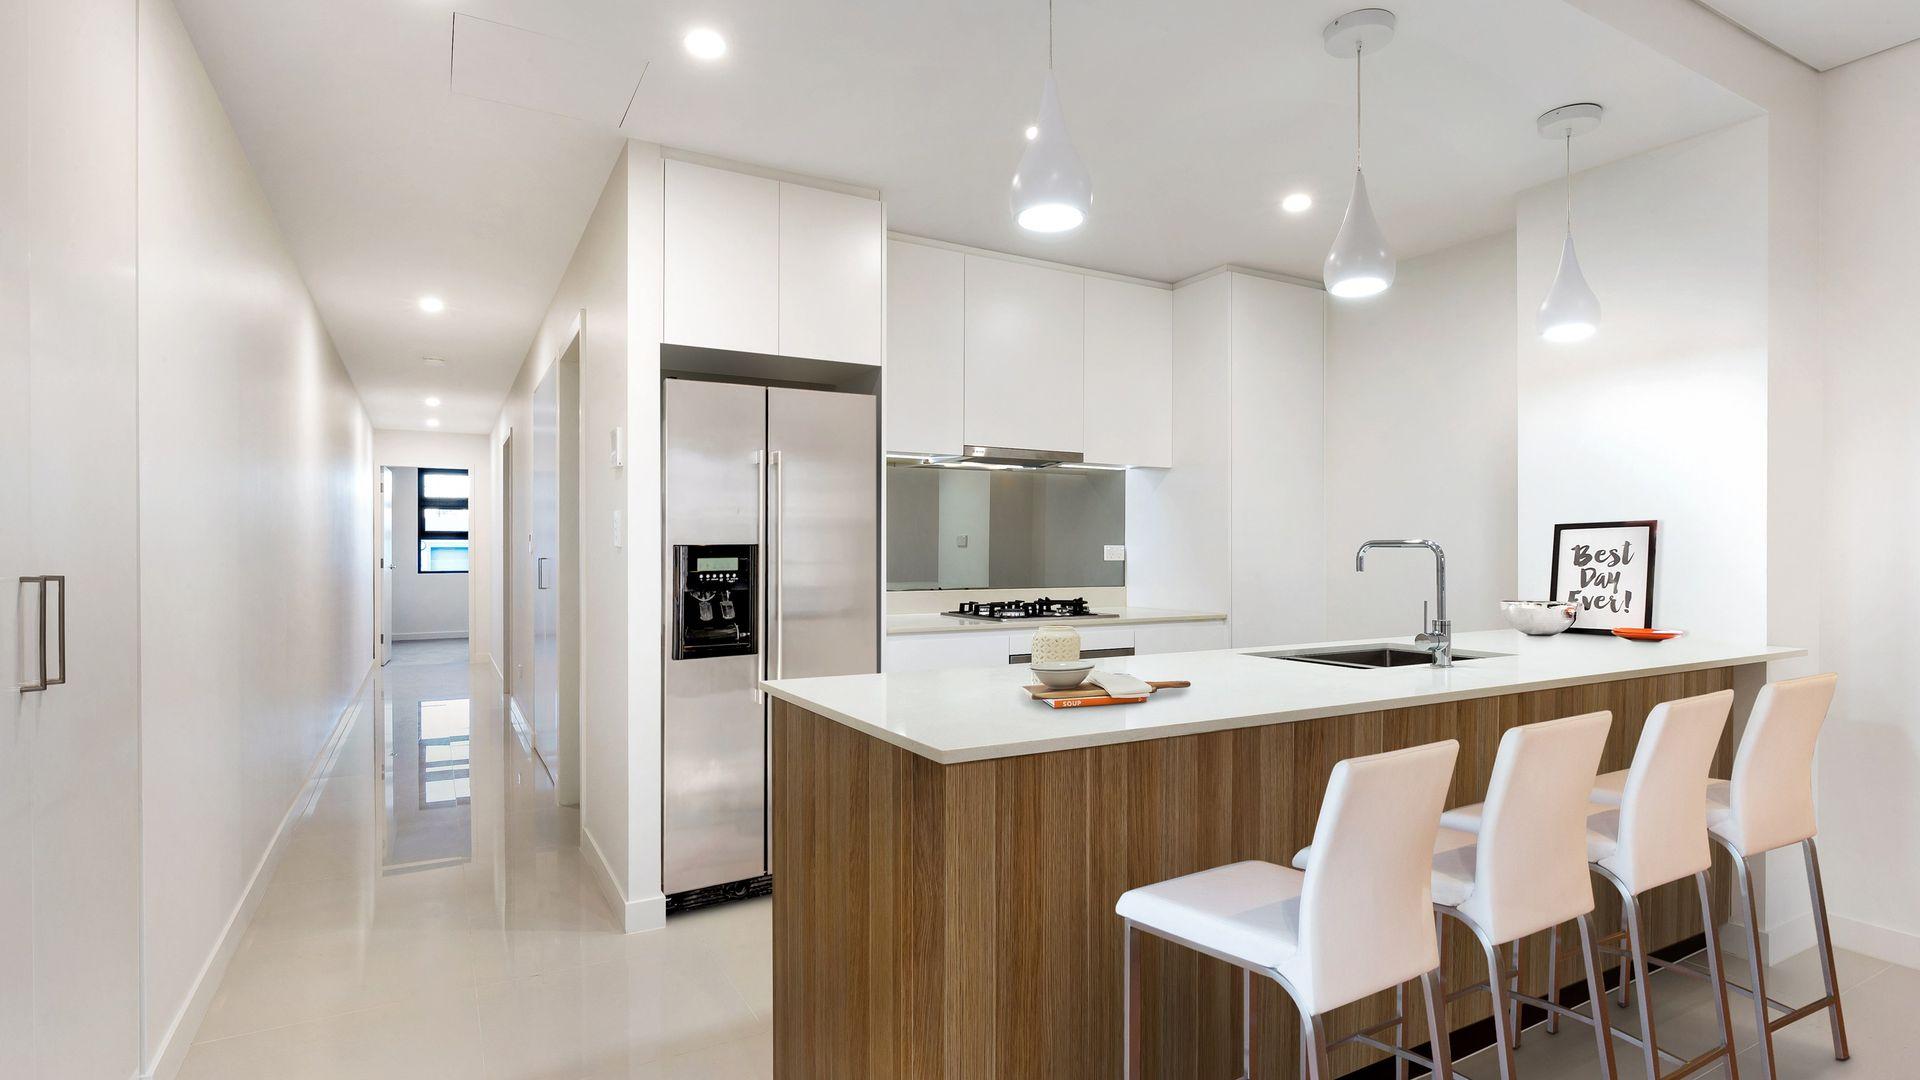 43/536 Mowbray Road, Lane Cove NSW 2066, Image 2